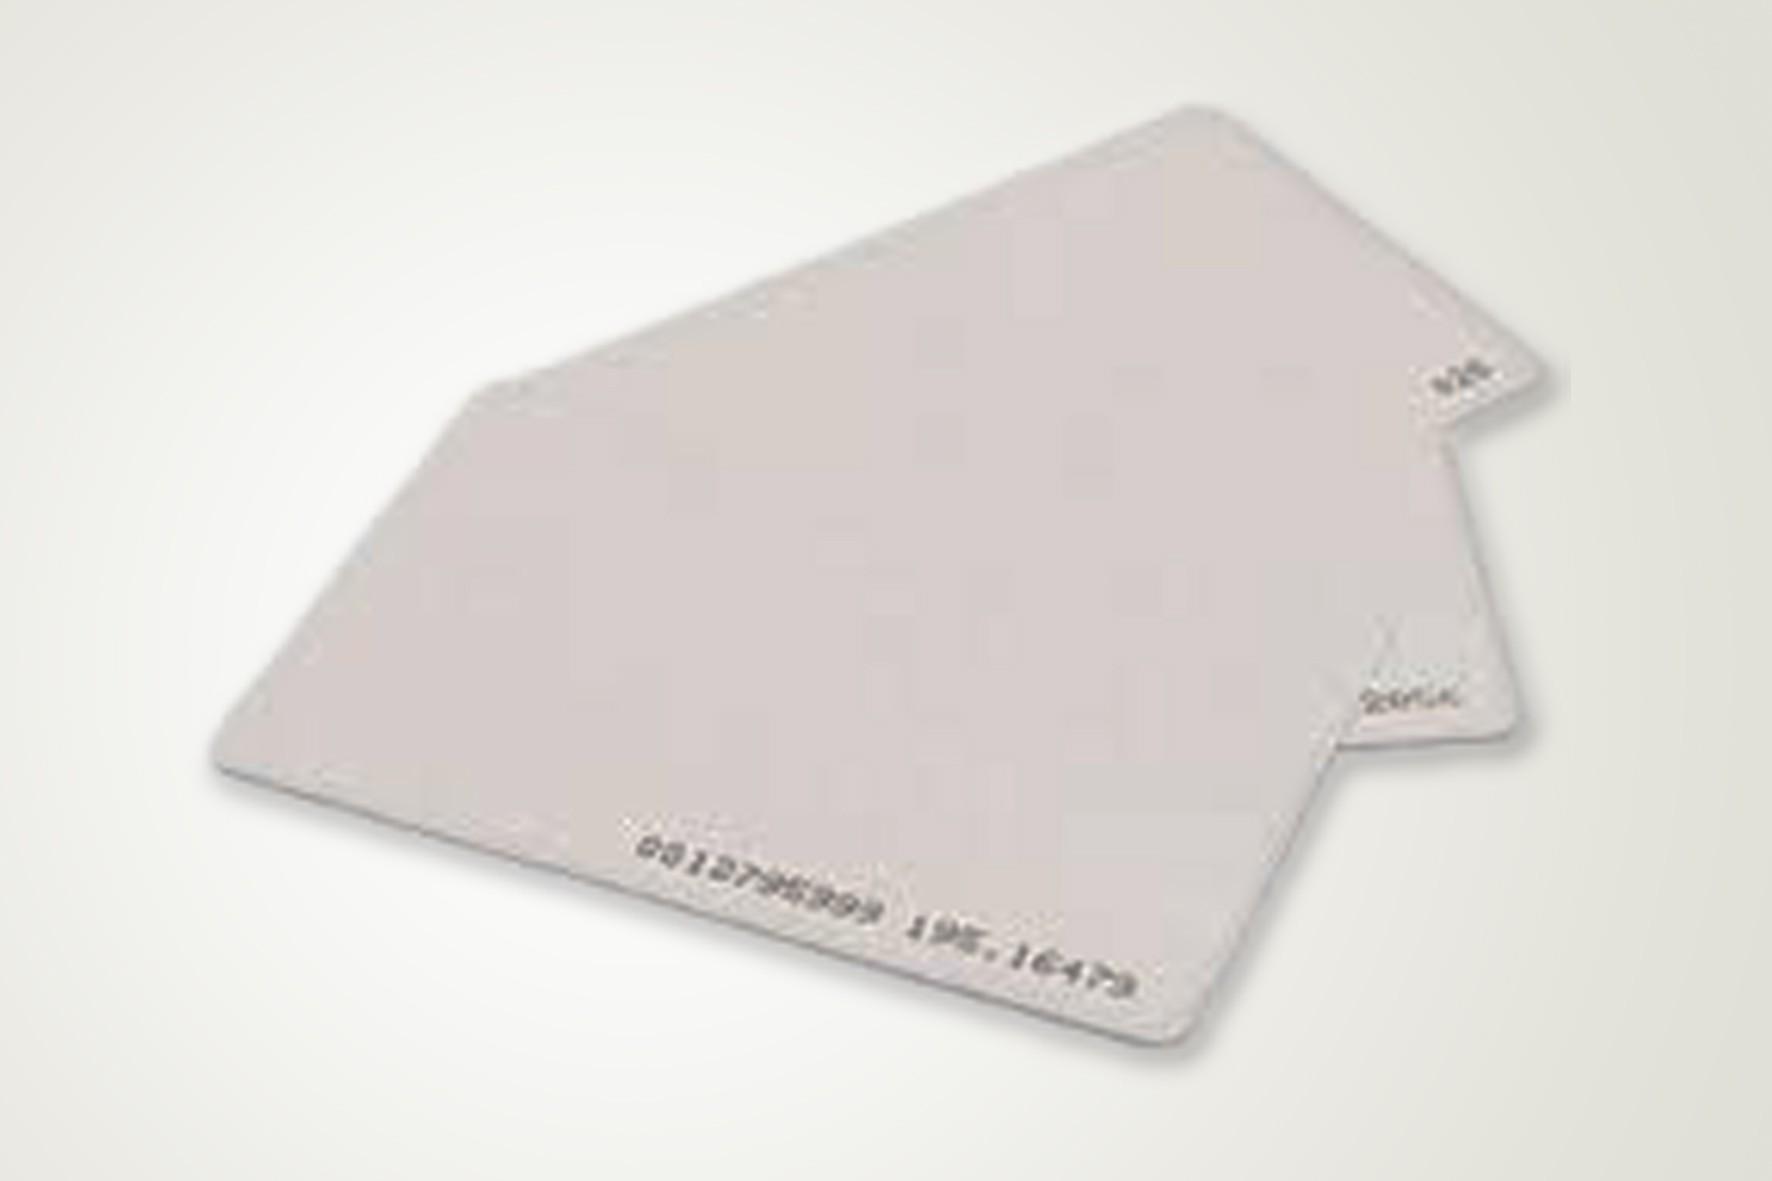 Cartões com Chip de Proximidade no Jardim Monte Alegre - Cartão Fidelidade